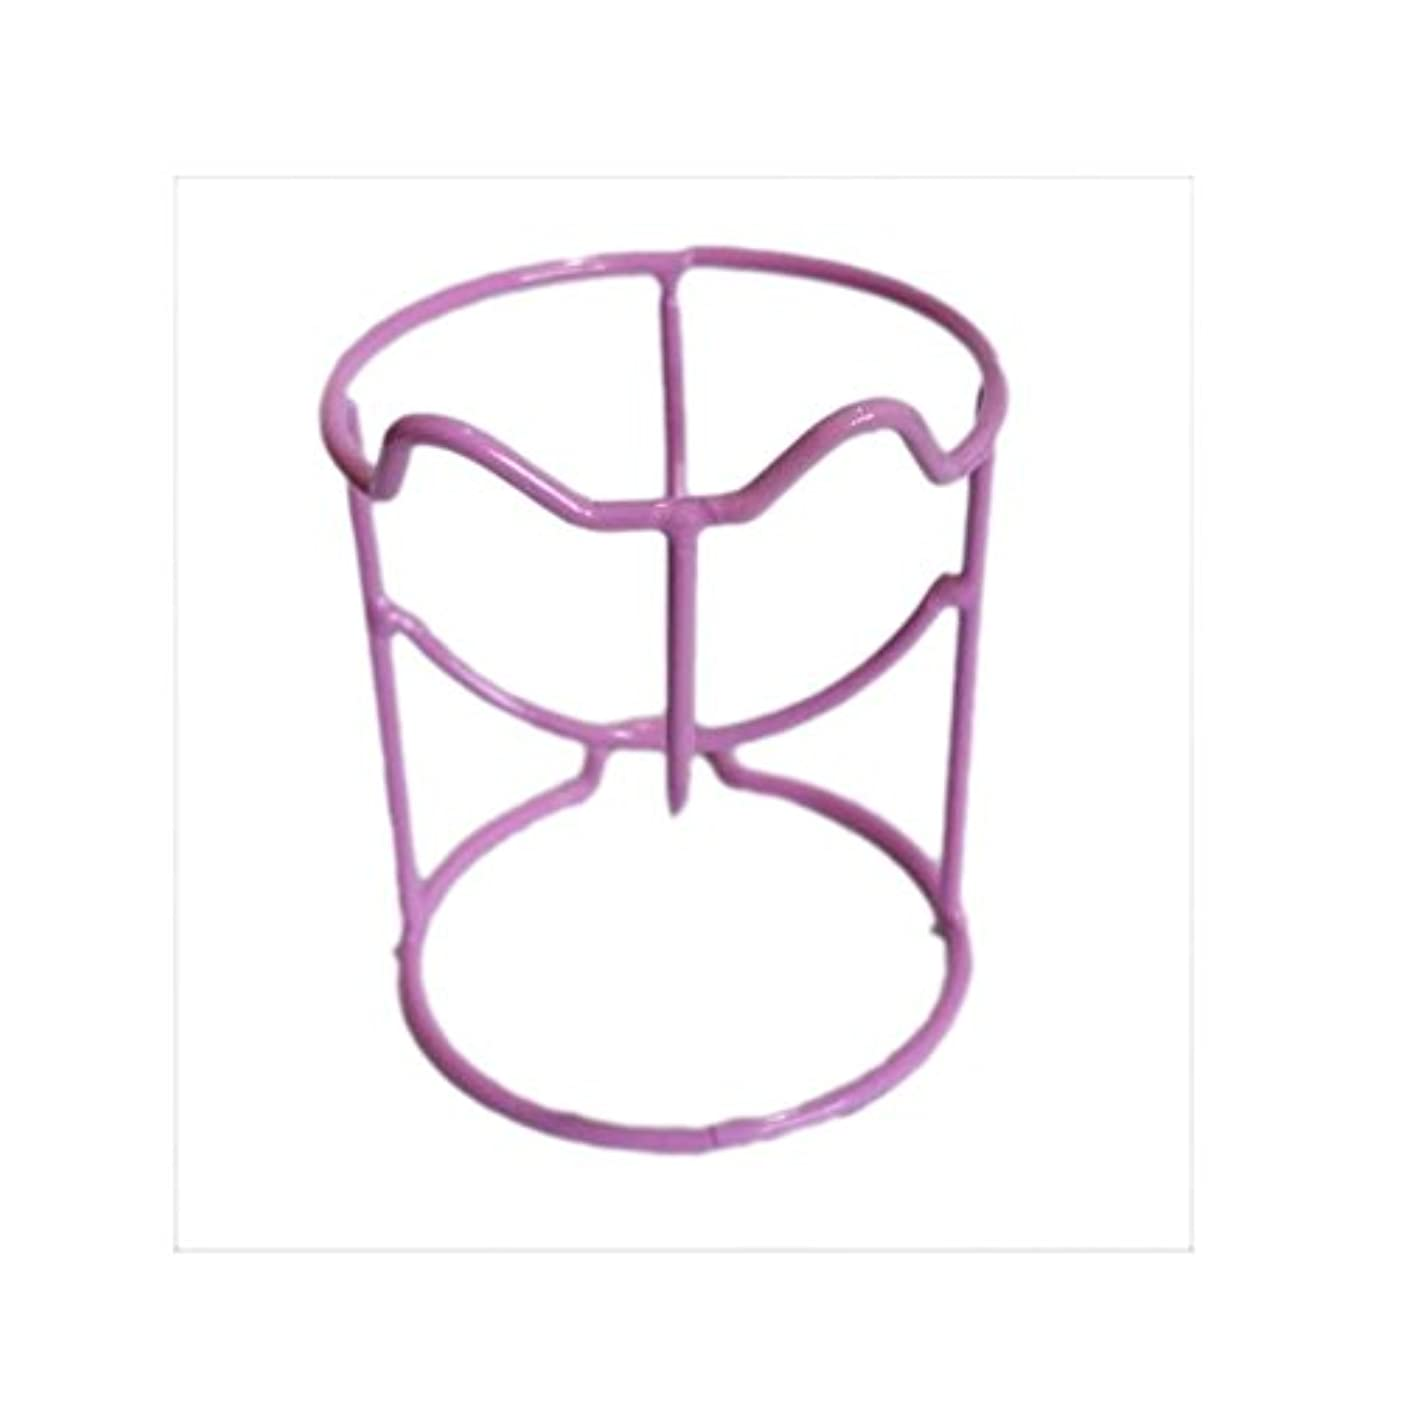 哲学的膜対人2乾燥ホルダーラックメイク卵パウダーパフスポンジディスプレイスタンドのセット